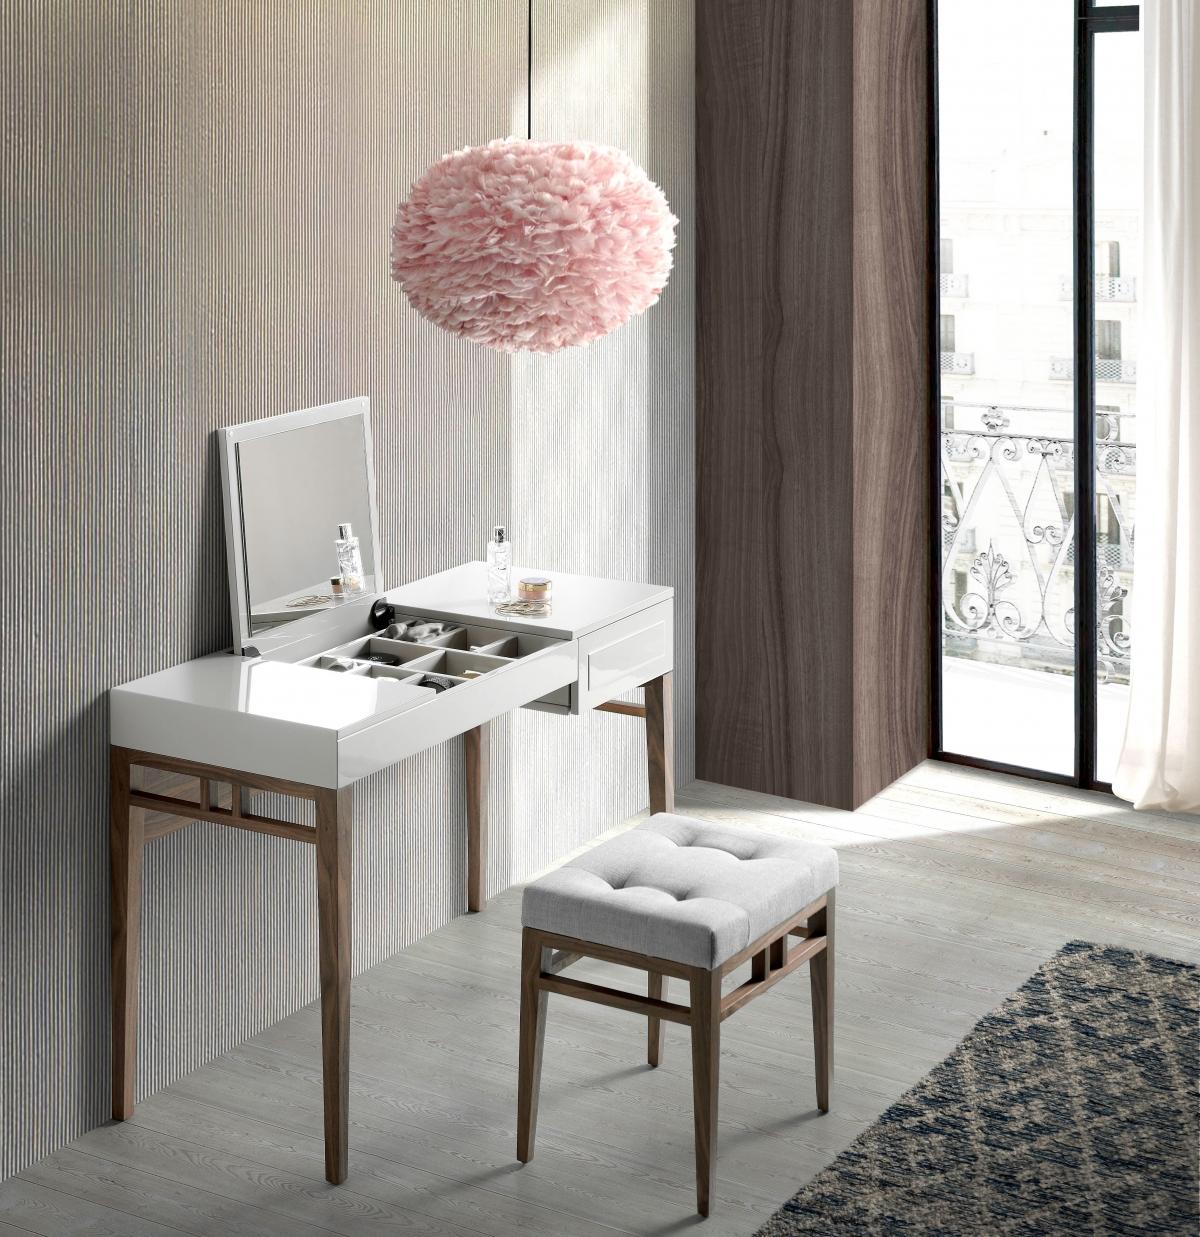 Дизайнерское оформление комнаты с туалетным столиком